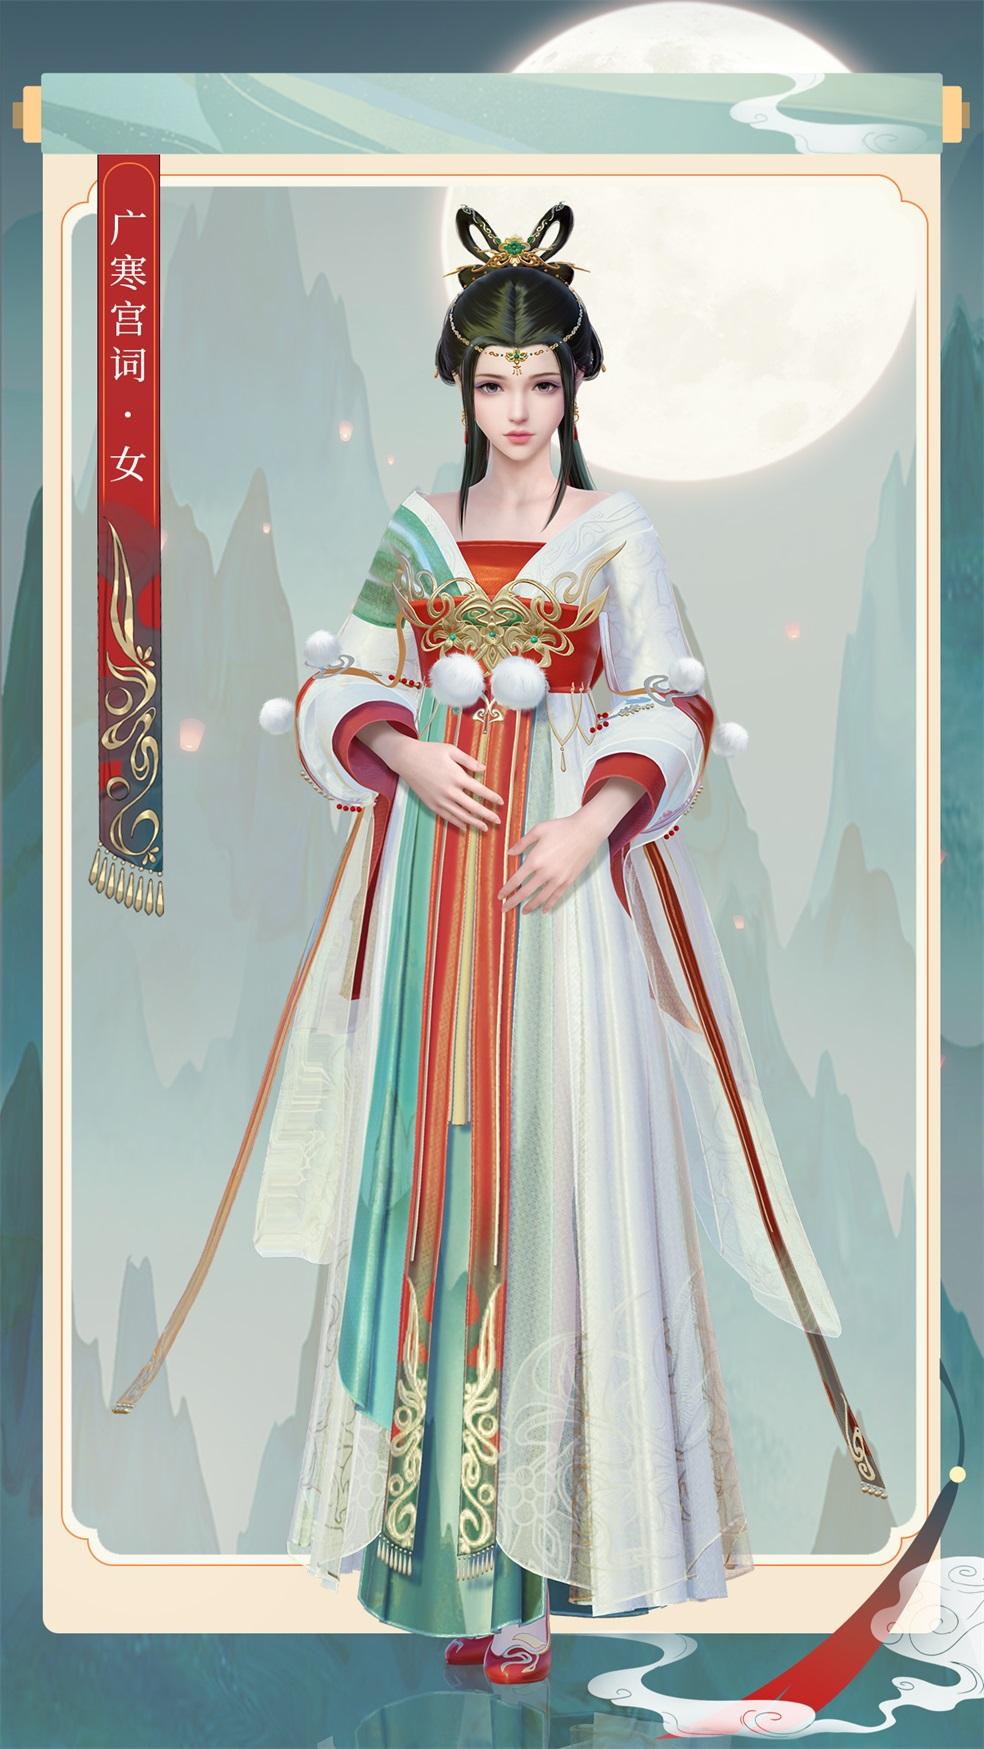 图片: 中秋时装展示女.JPG